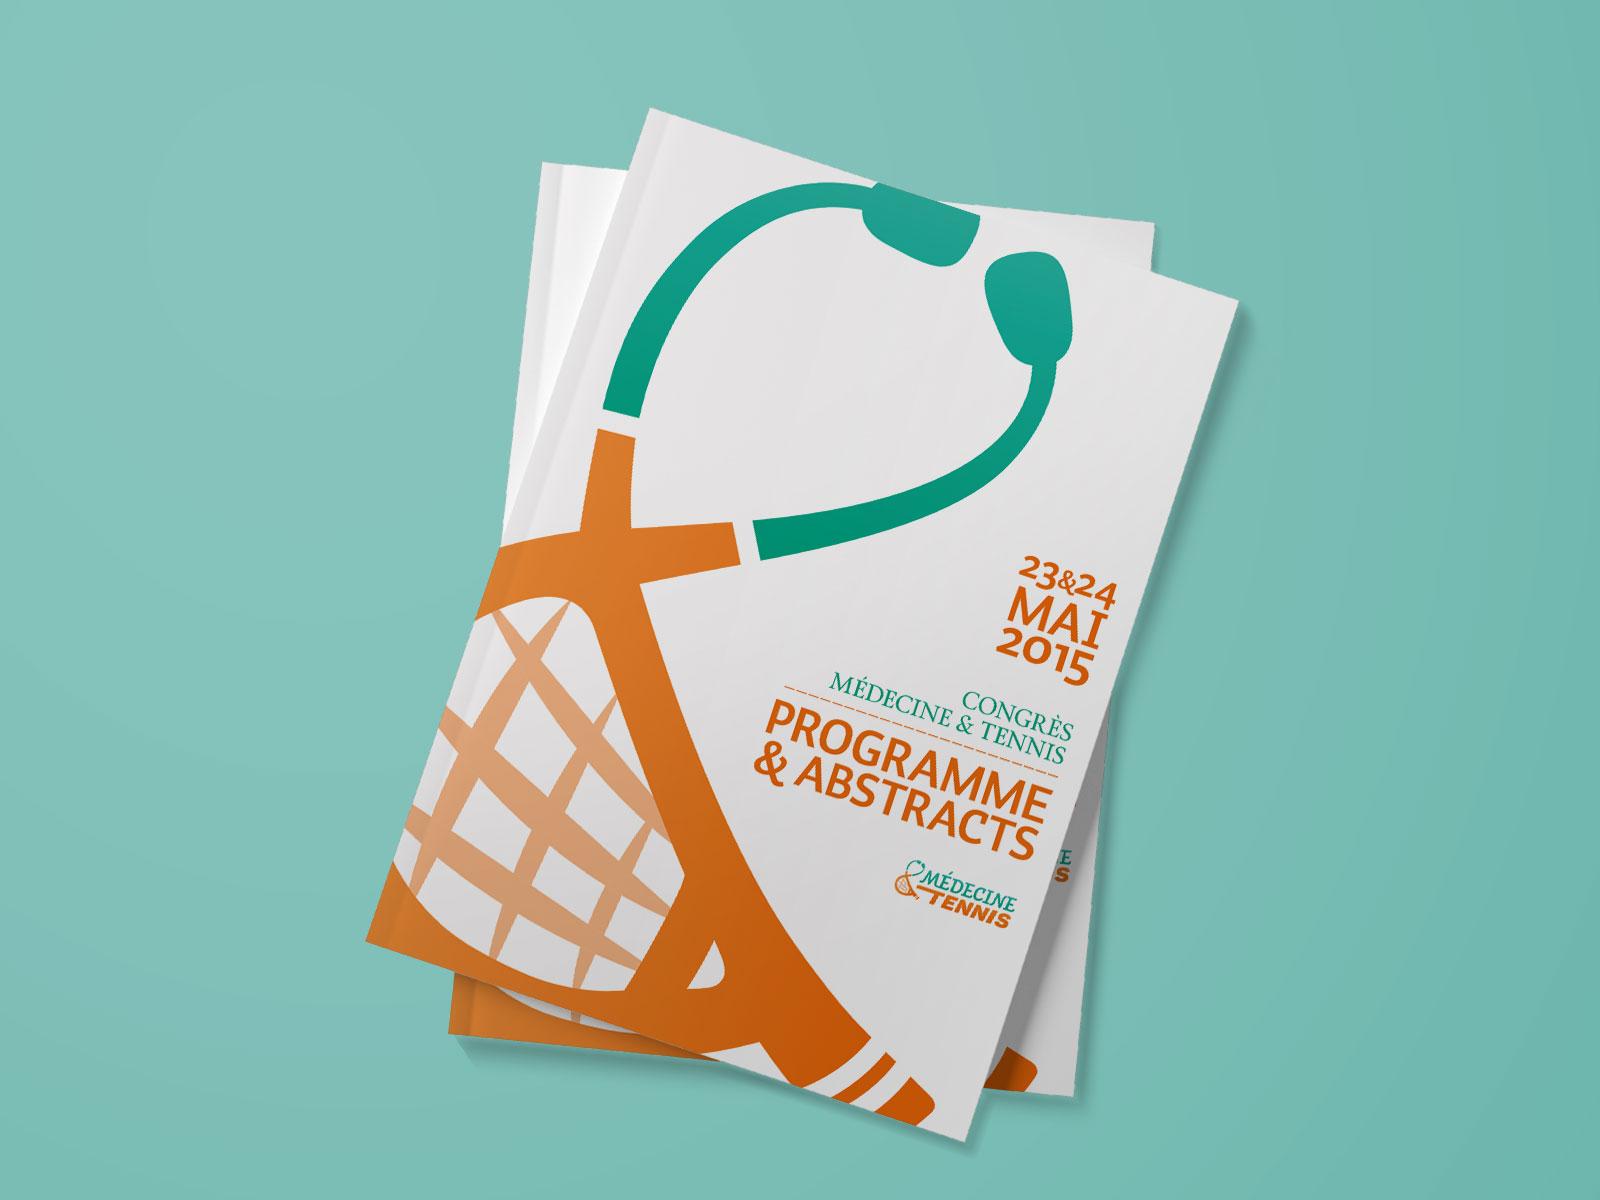 Programme - Programme de la 14e édition comprenant 40 pages en noir et blanc avec couverture et encarts publicitaires en couleur.